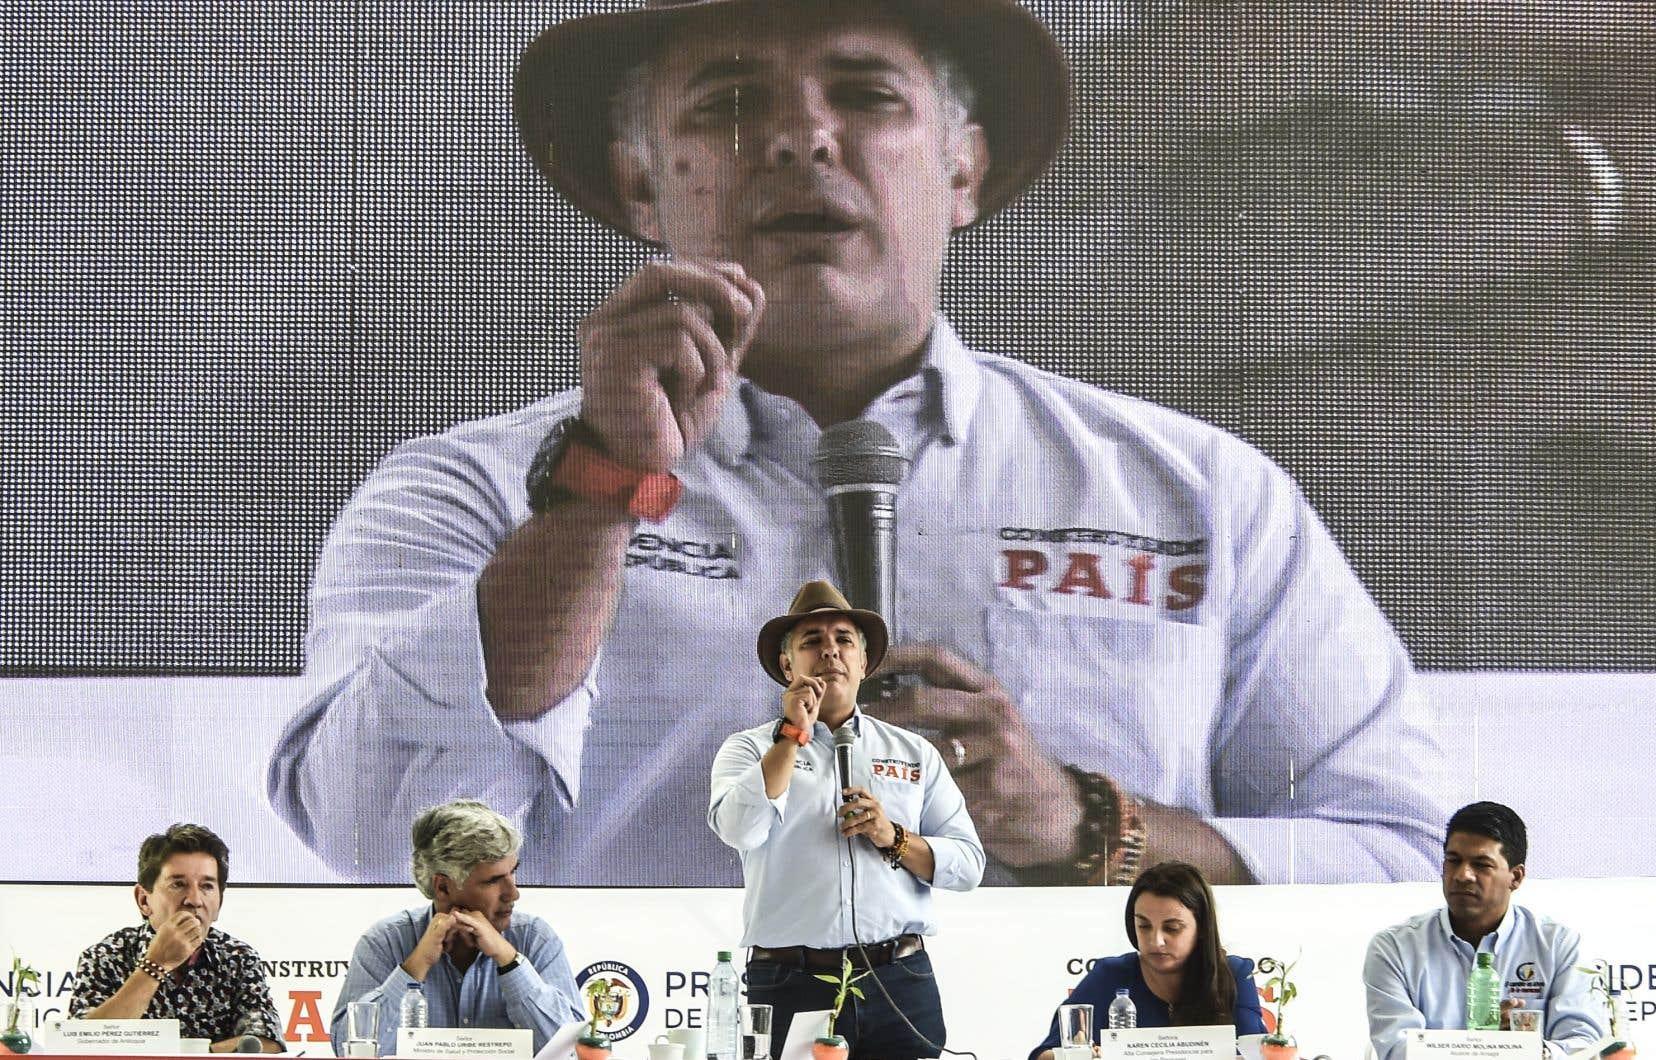 Samedi, le président Ivan Duque (centre) a exigé la libération des 16 otages de l'ELN avant toute reprise des pourparlers de paix.